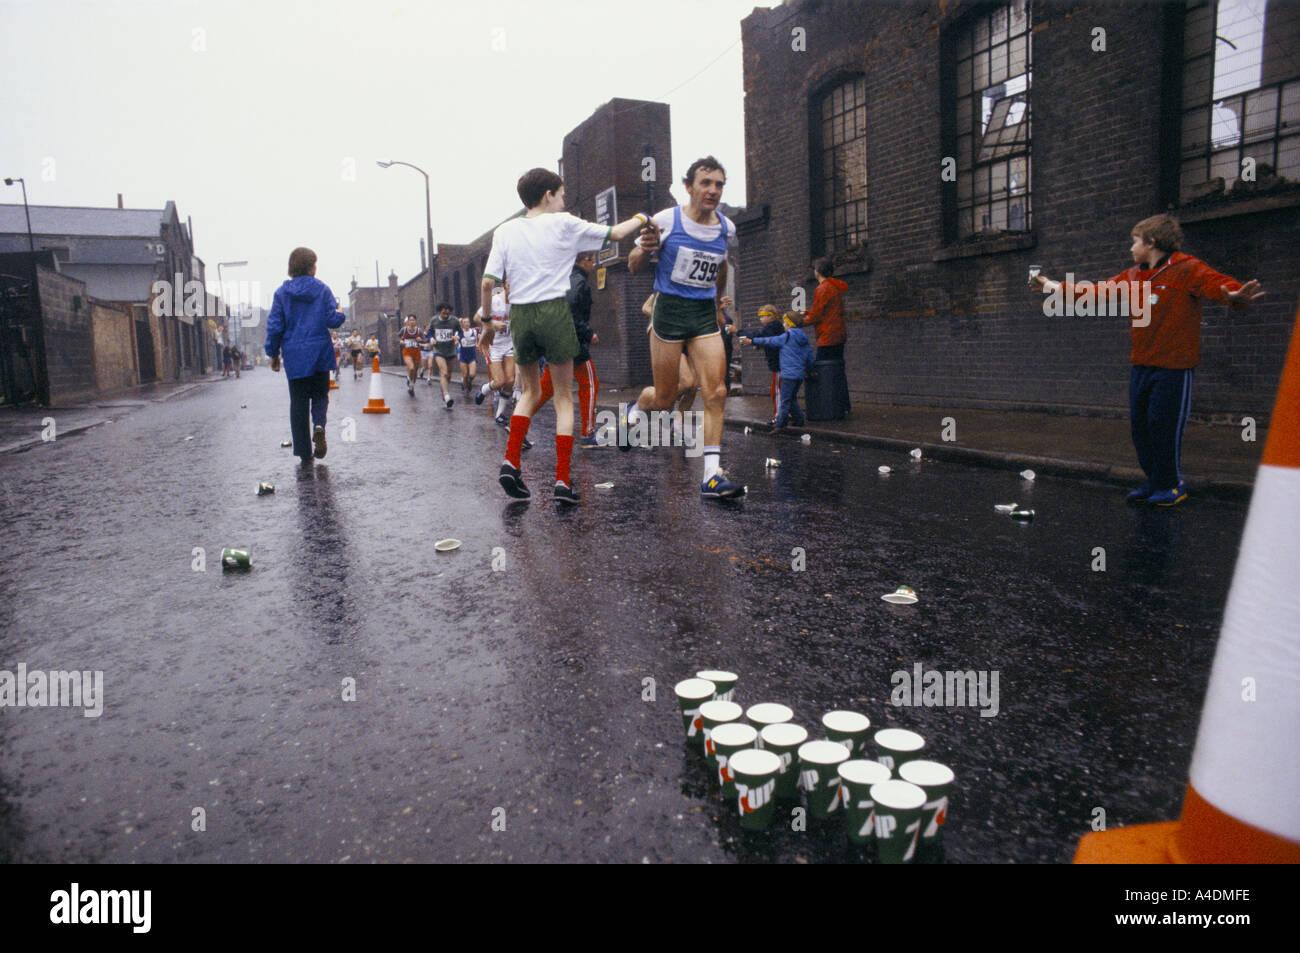 Les enfants de donner des verres d'eau aux coureurs pendant le marathon de Londres Photo Stock